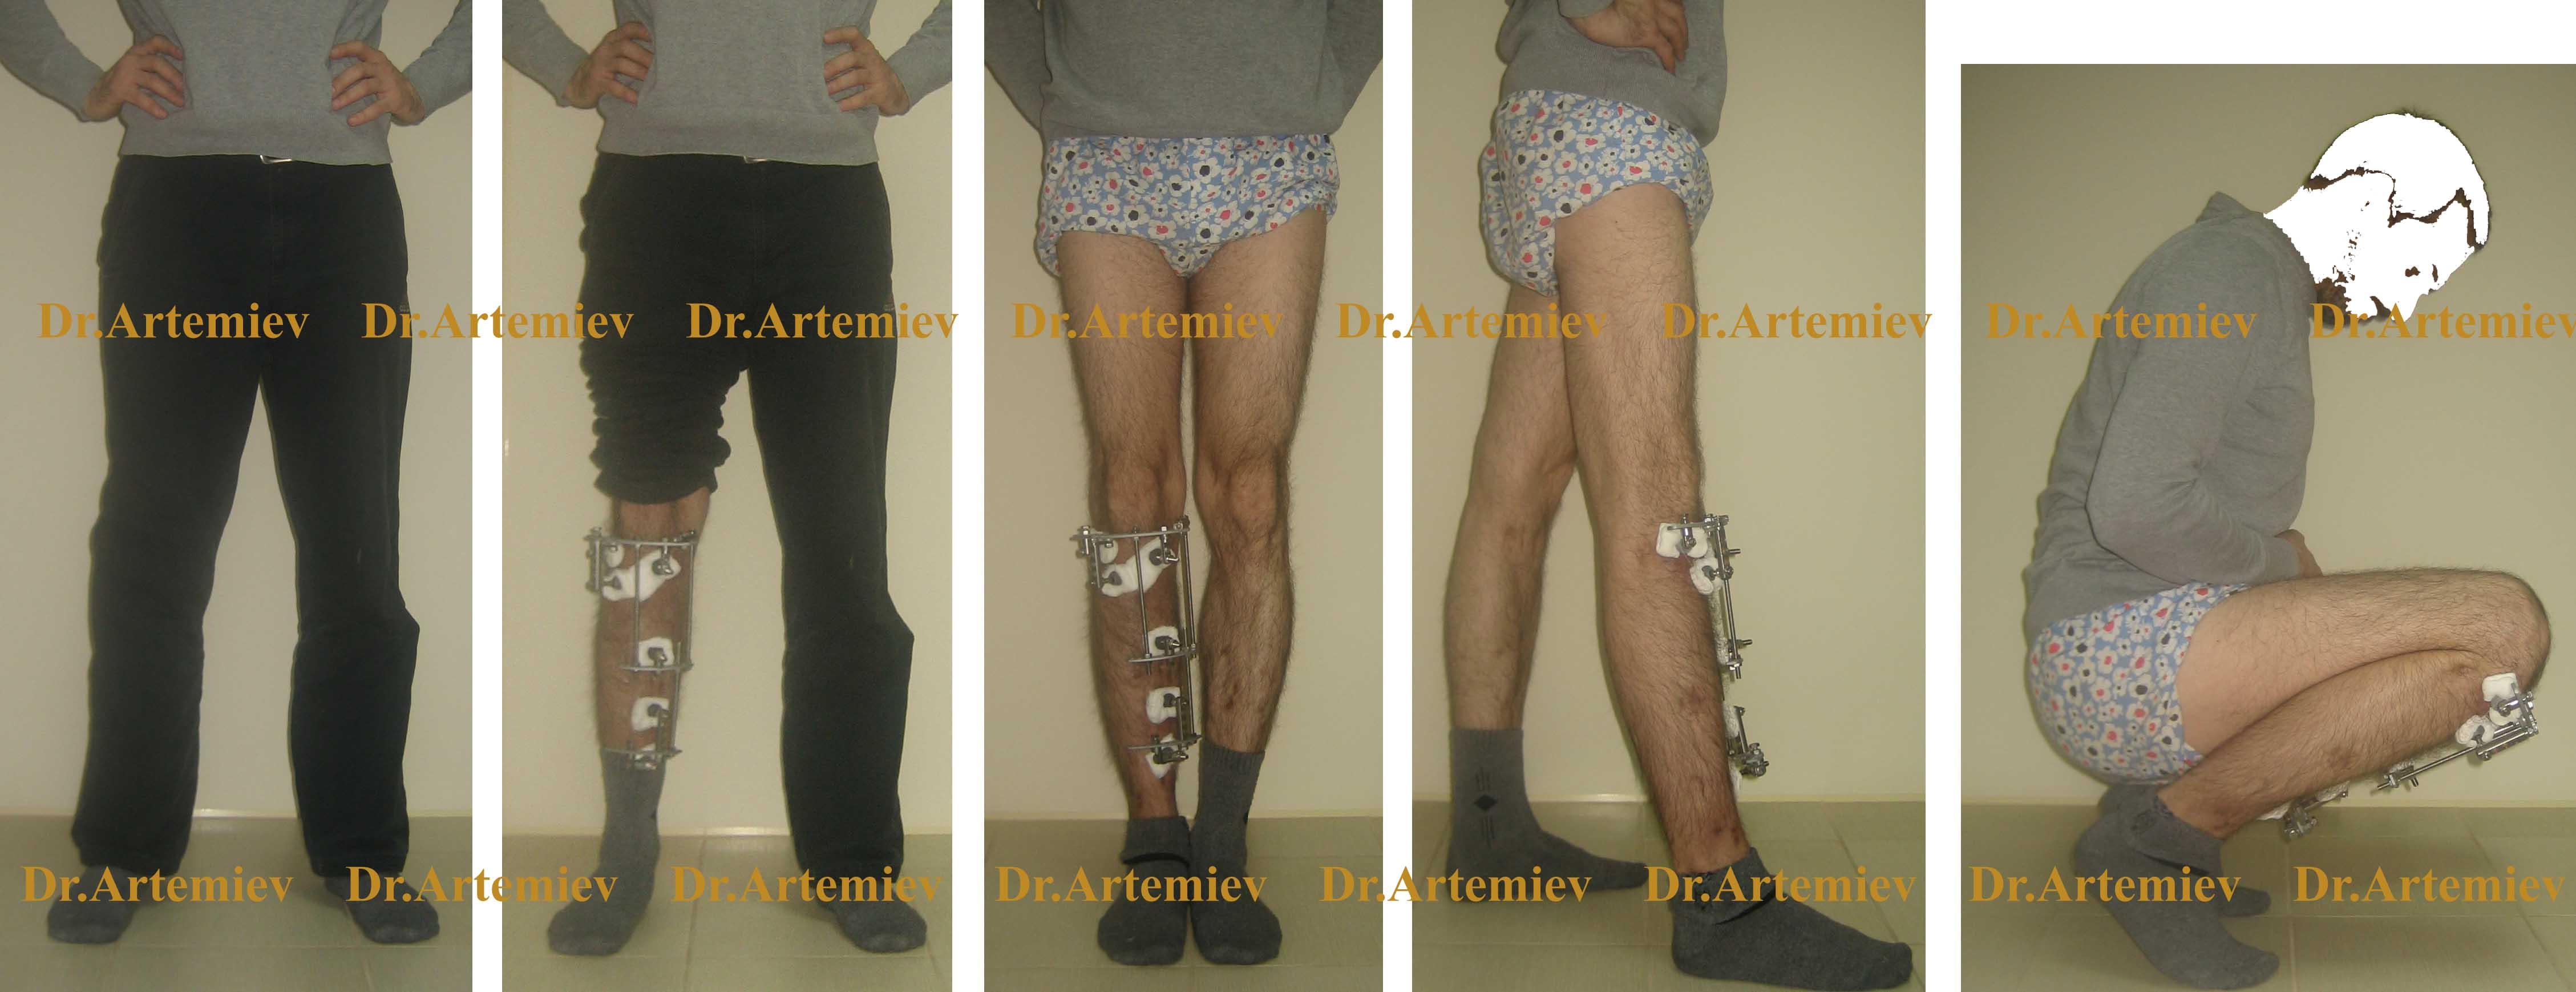 Исправление кривизны ног или как выпрямить кривые ноги?